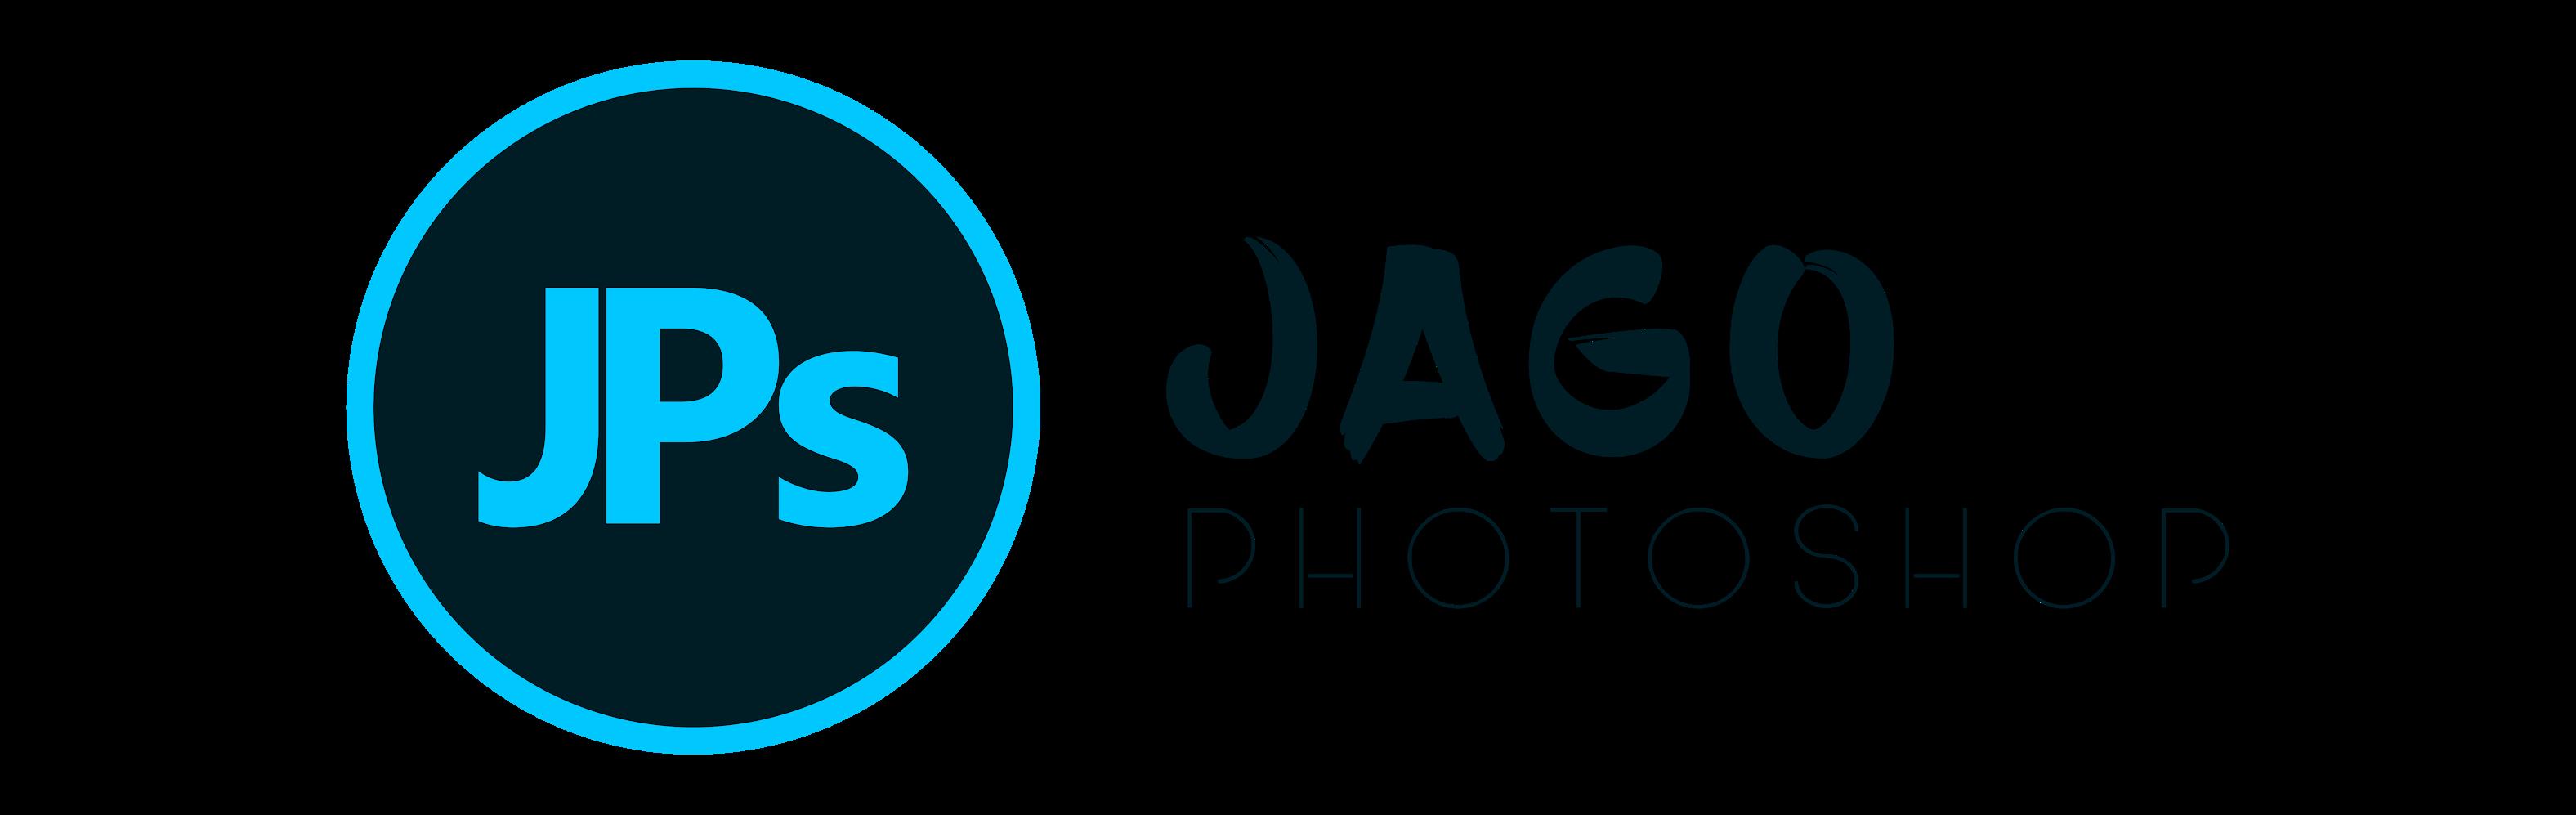 jagophotoshop